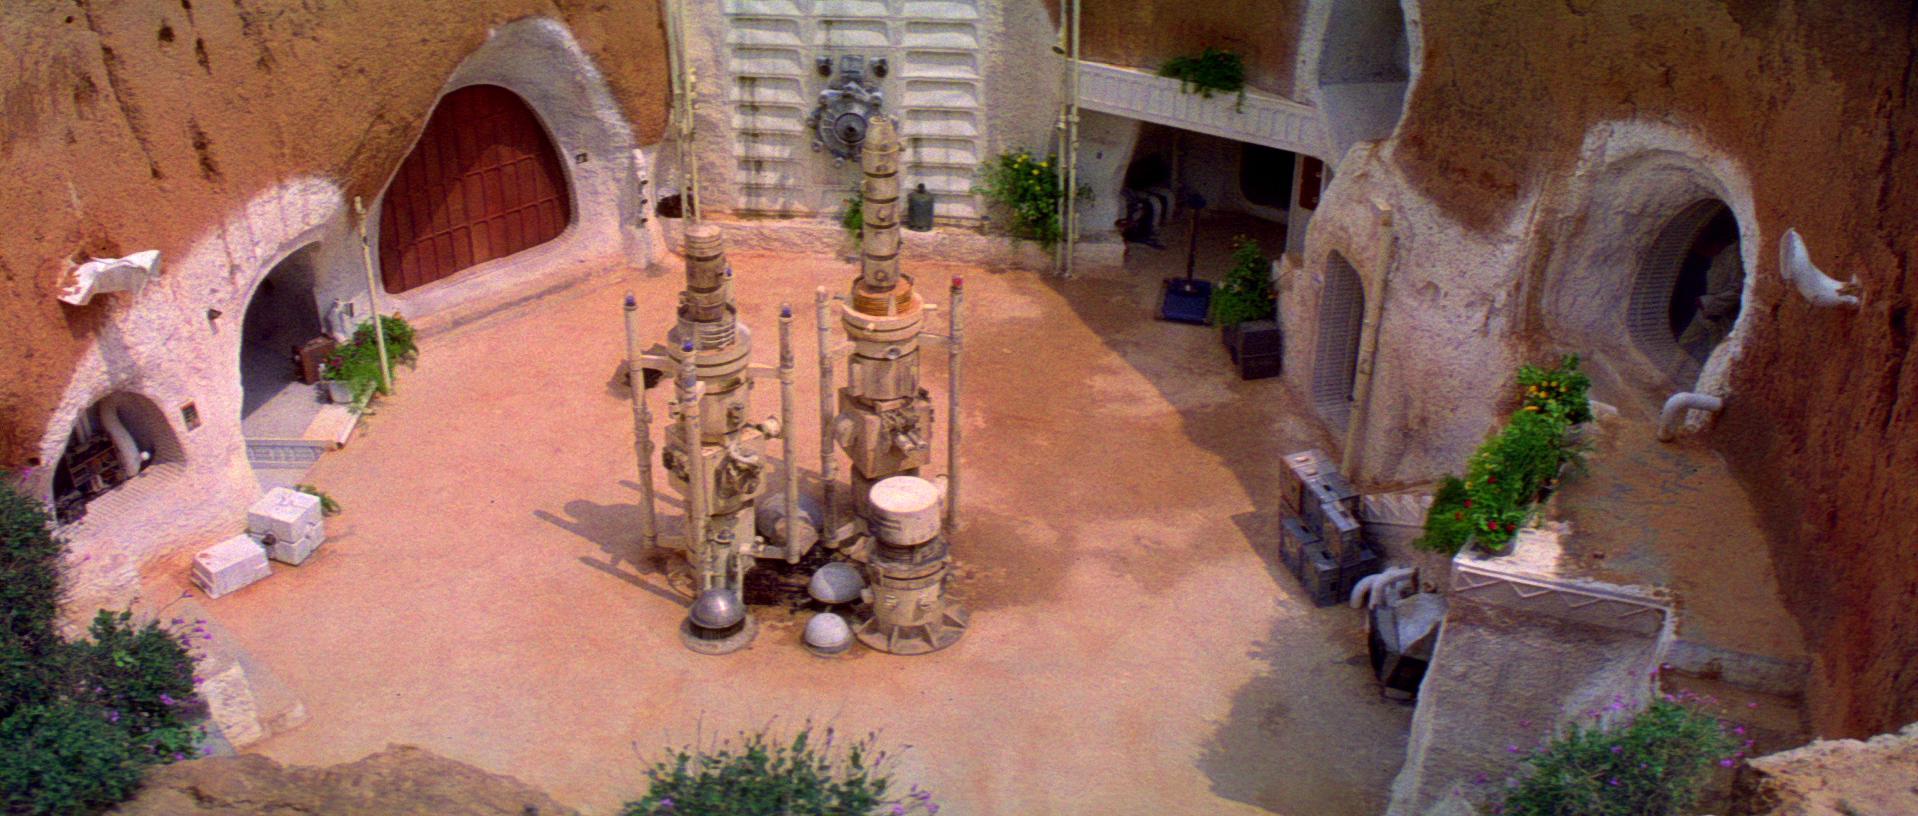 Hotel Sidi Driss - Star Wars